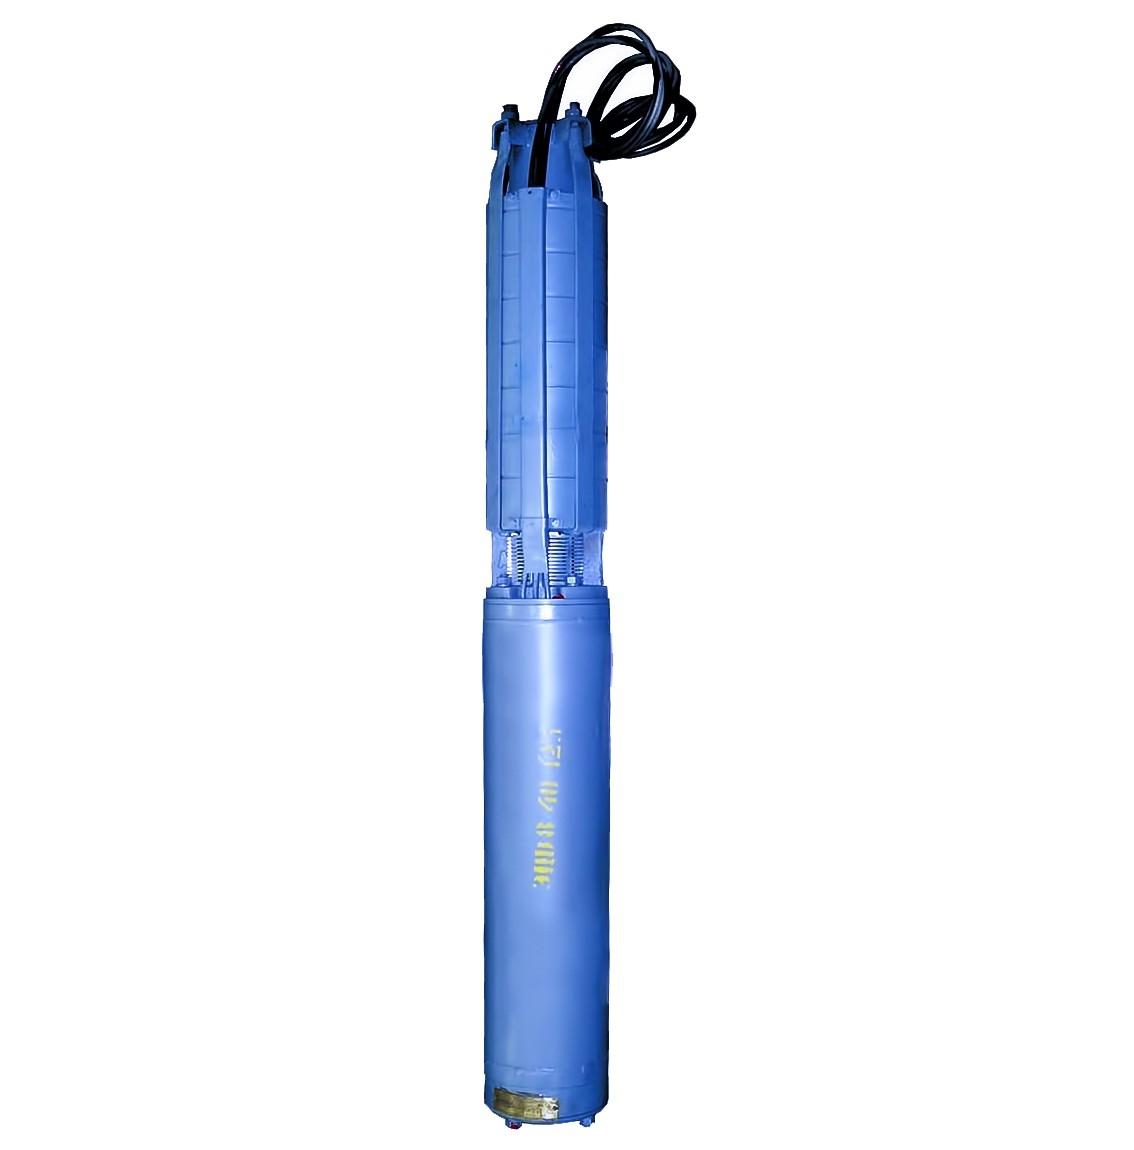 Погружной насос ЭЦВ 5-10-125 армлен